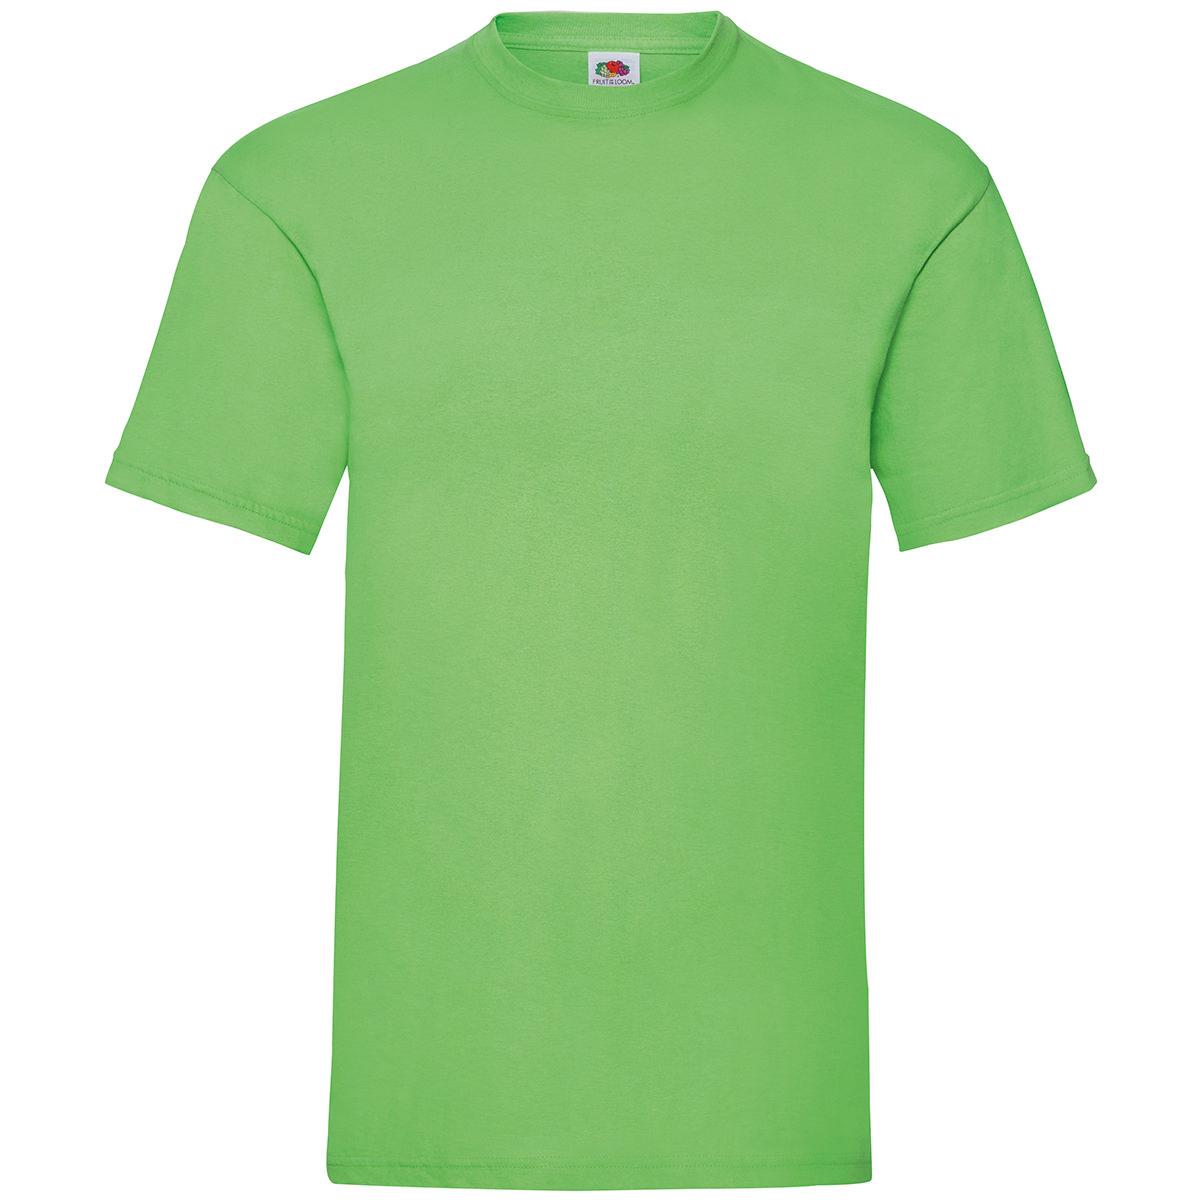 Indexbild 19 - Fruit of the Loom UNISEX T-Shirt Bestseller Top Angebot Herren Damen NEU